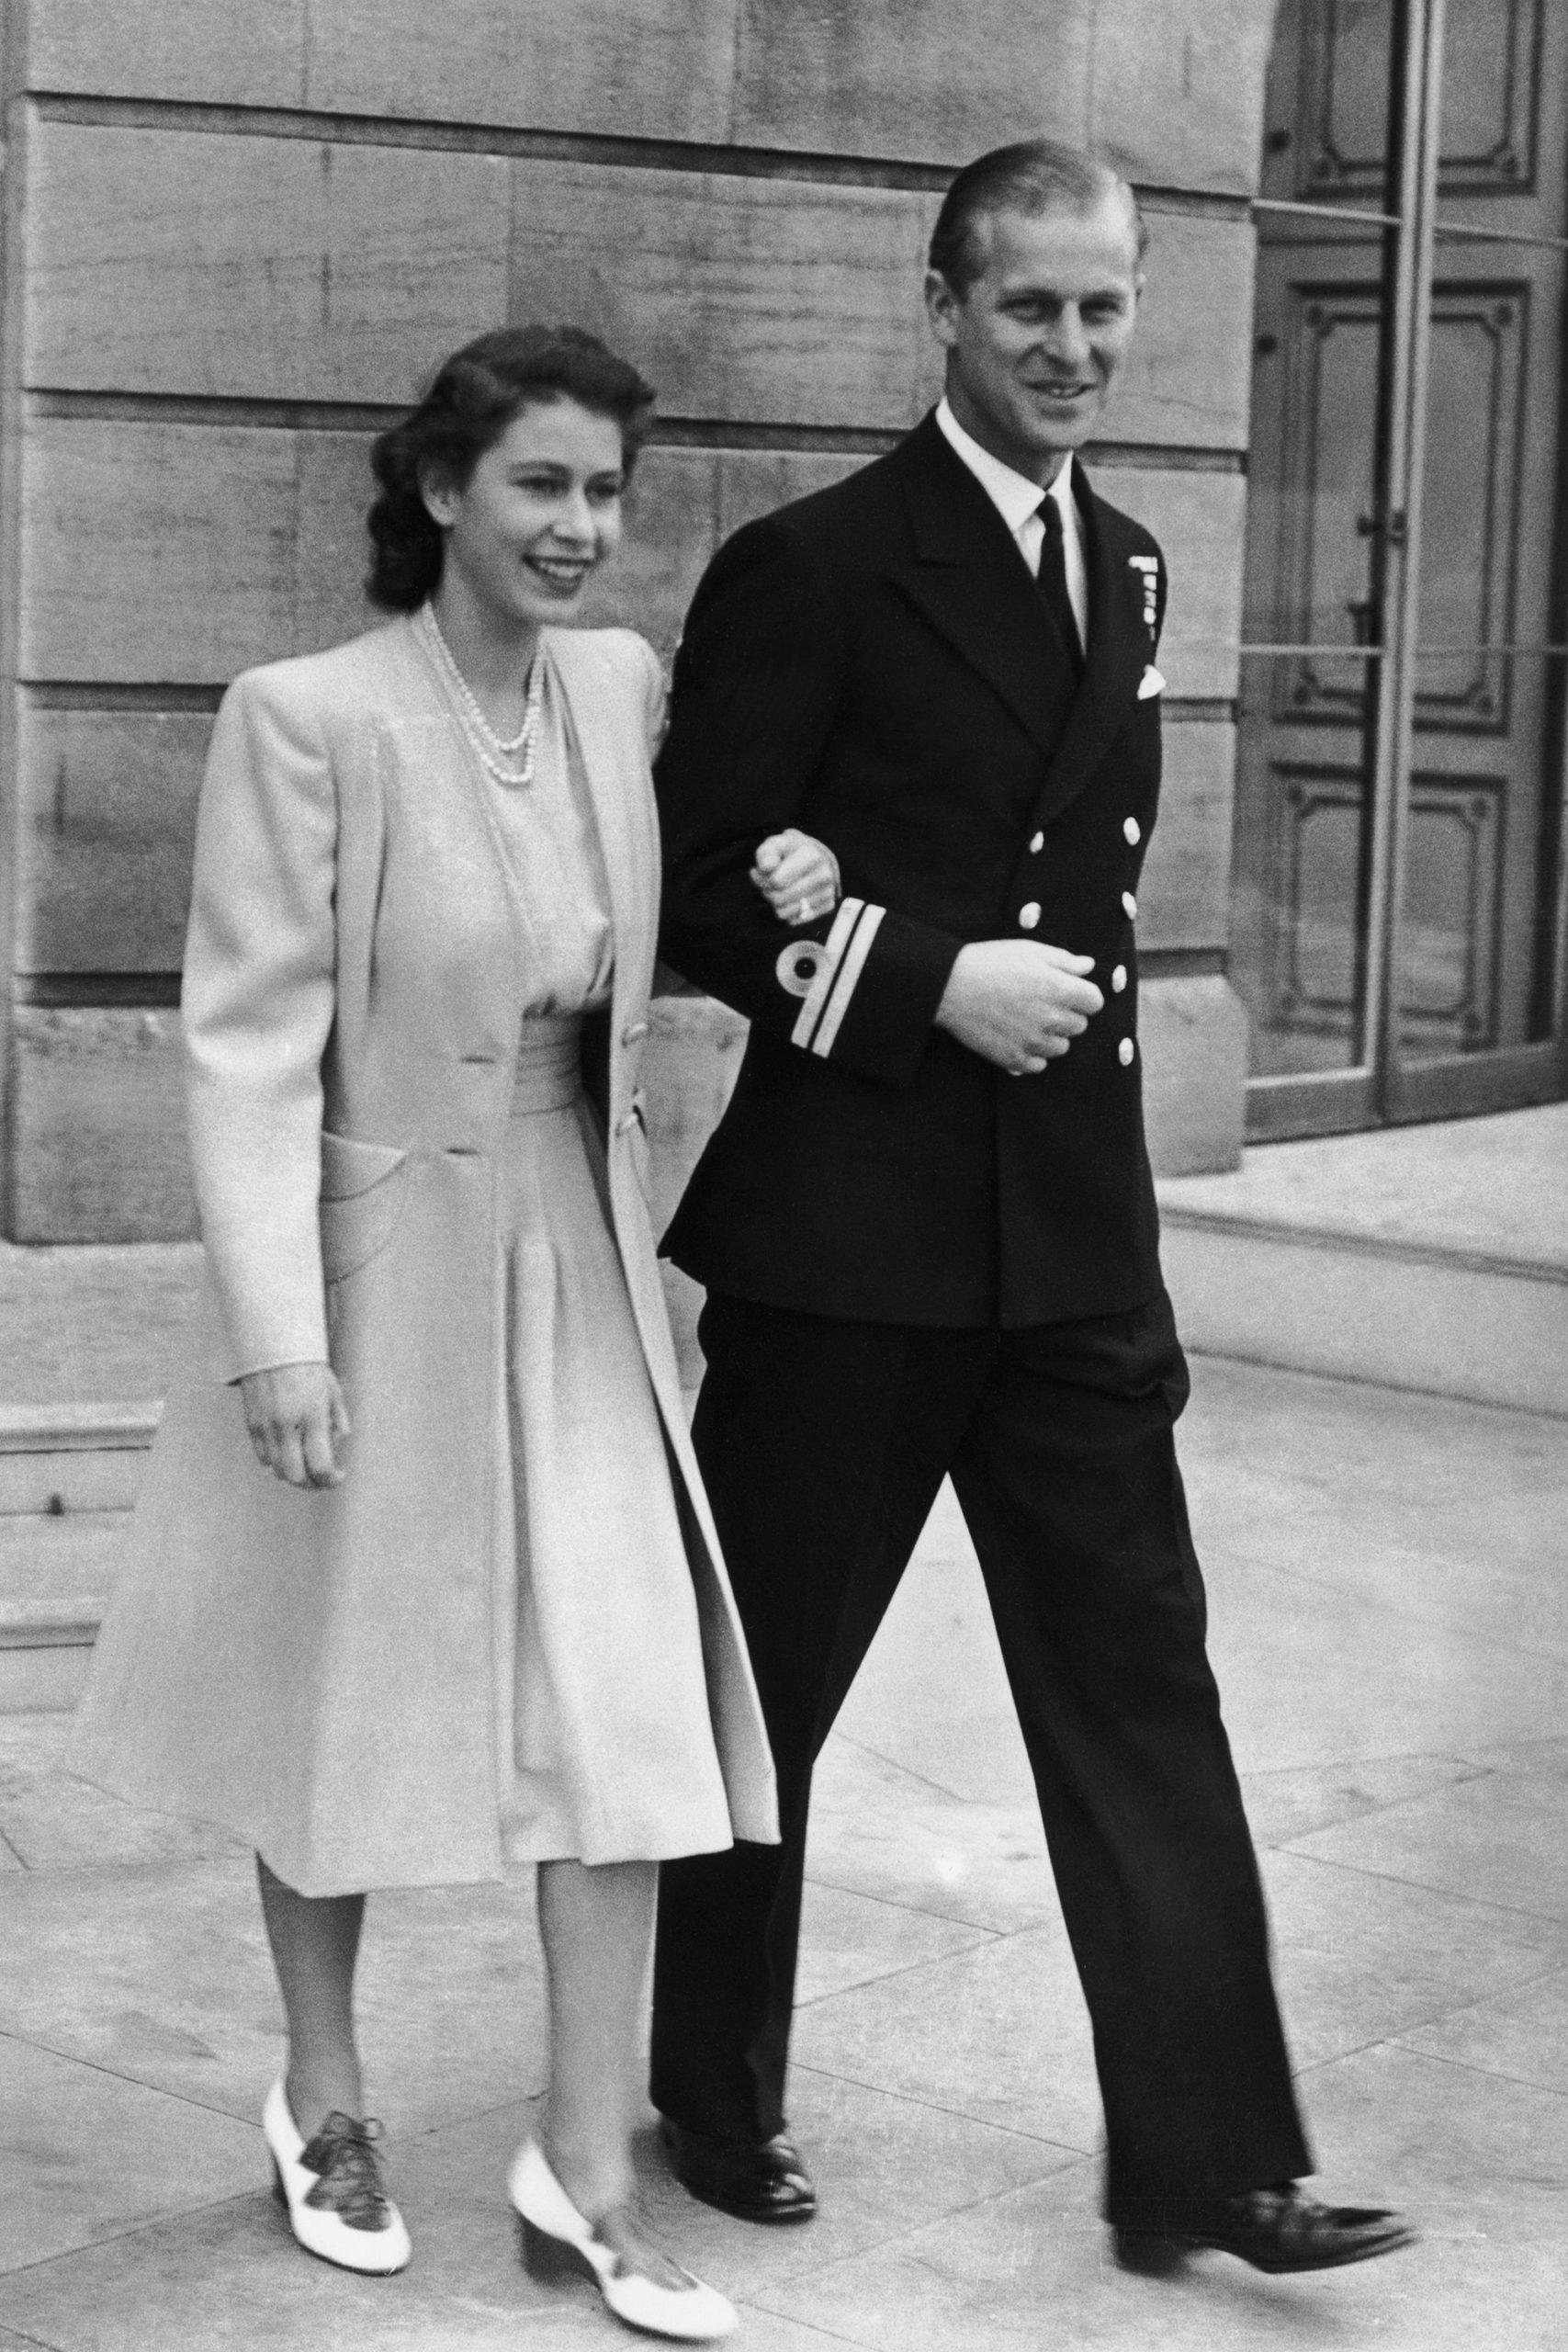 Βασίλισσα Ελισσάβετ και Φίλιππος